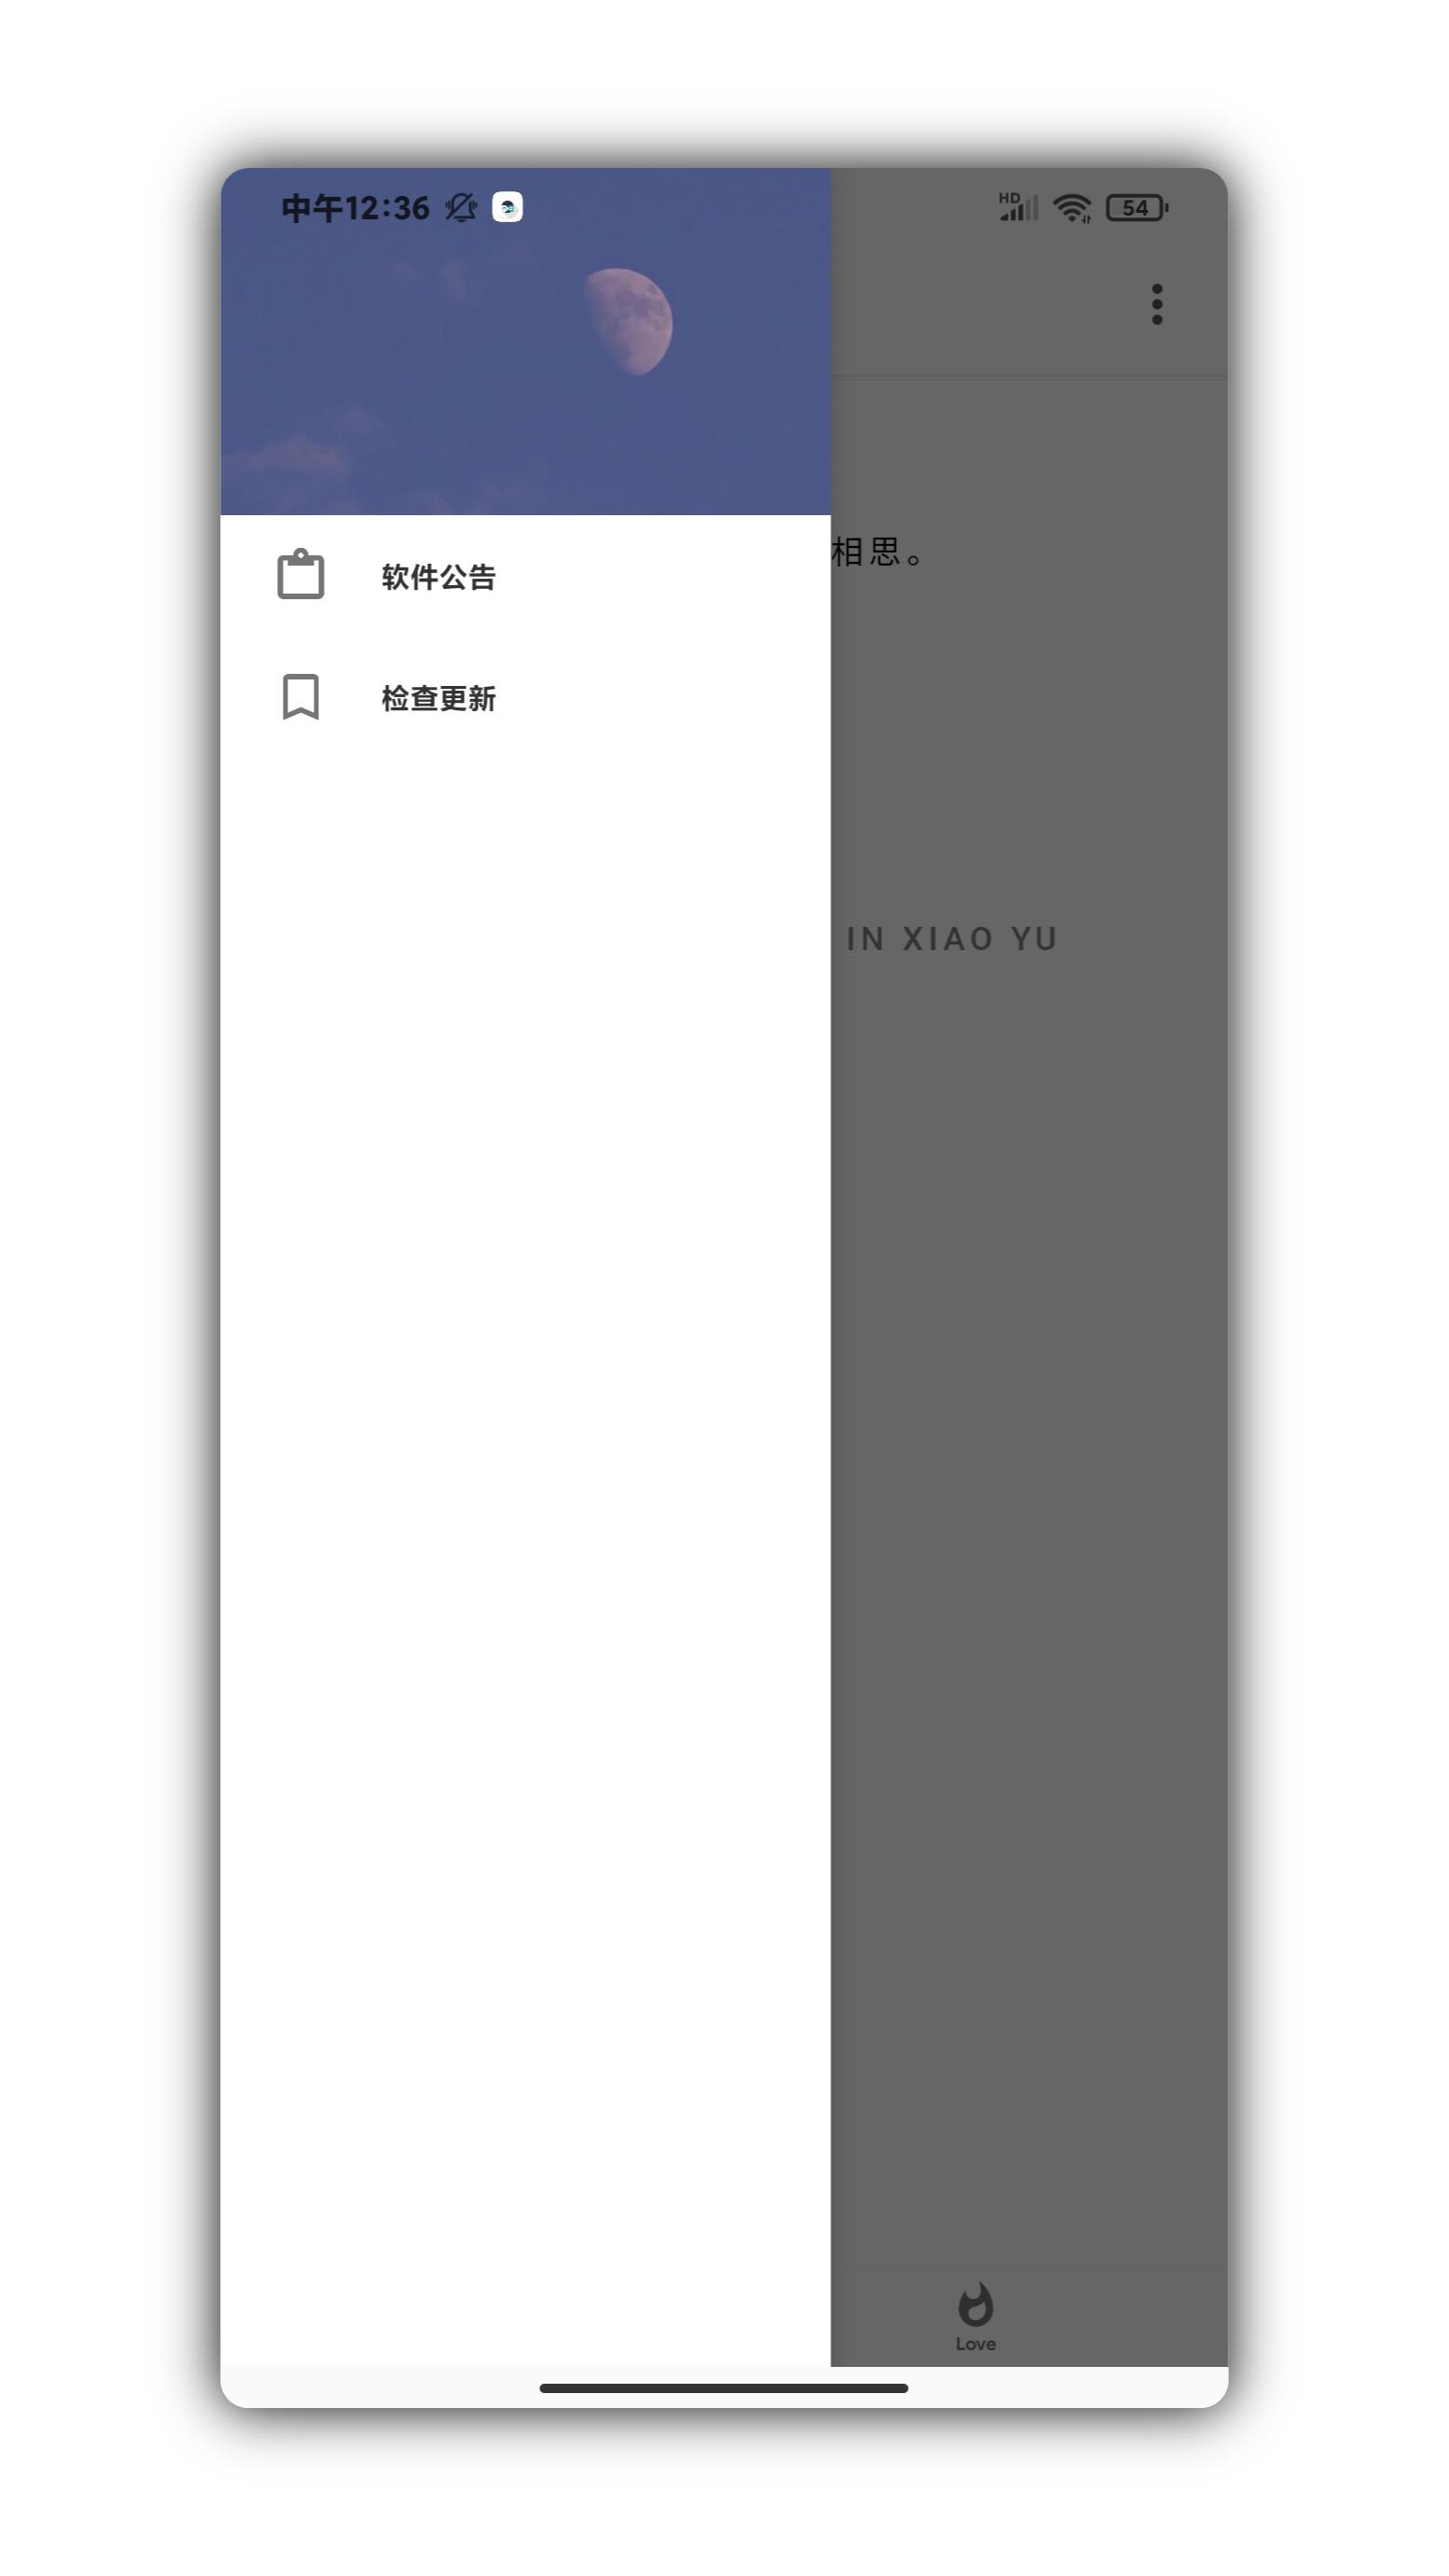 小予表白墙APP下载